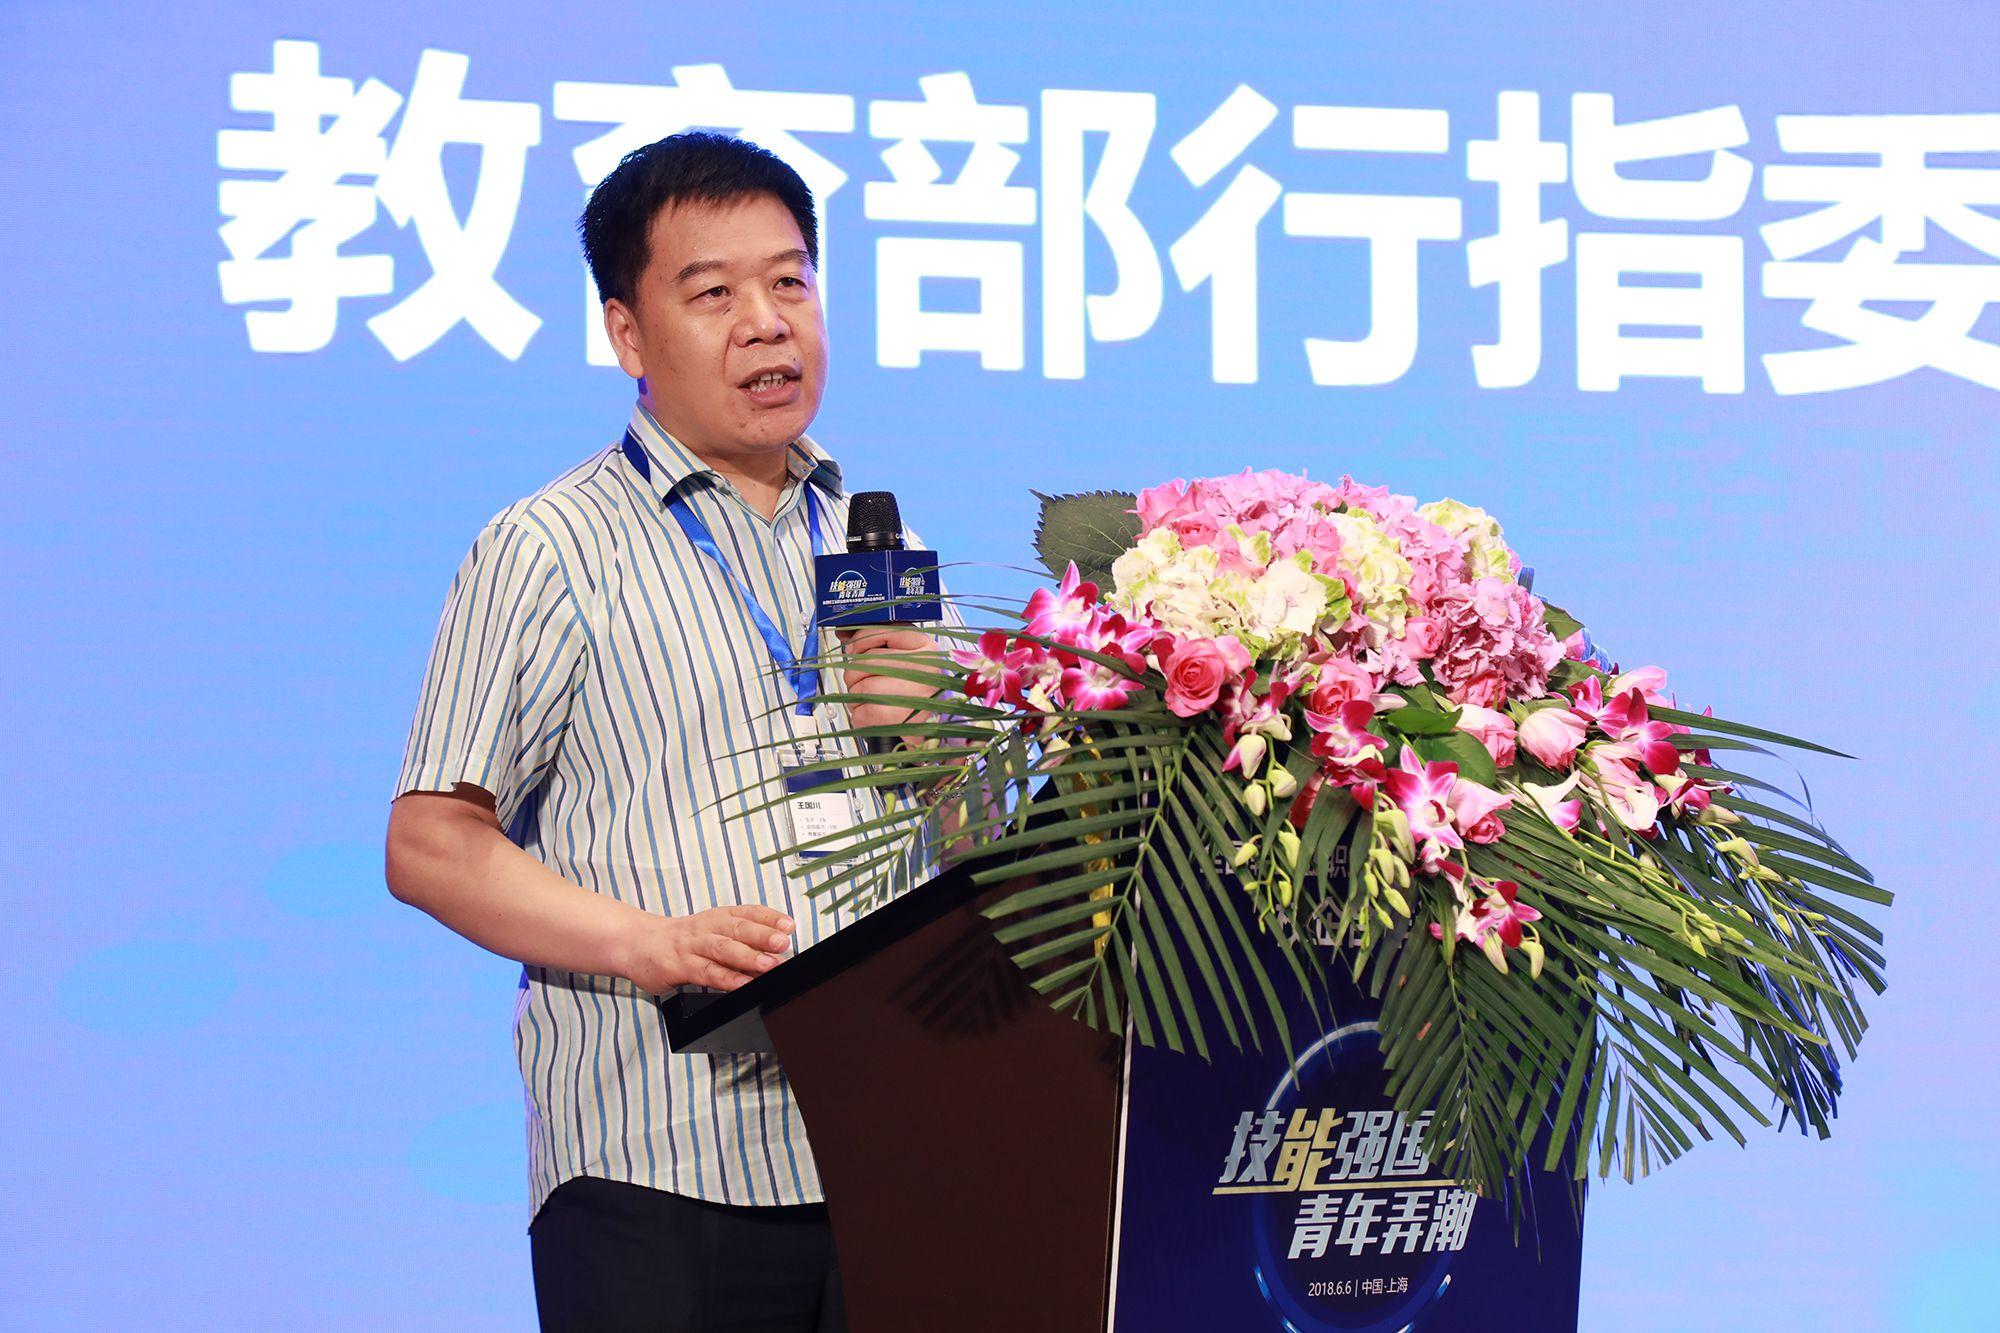 教育部行指委办公室常务副主任王国川致辞.jpg